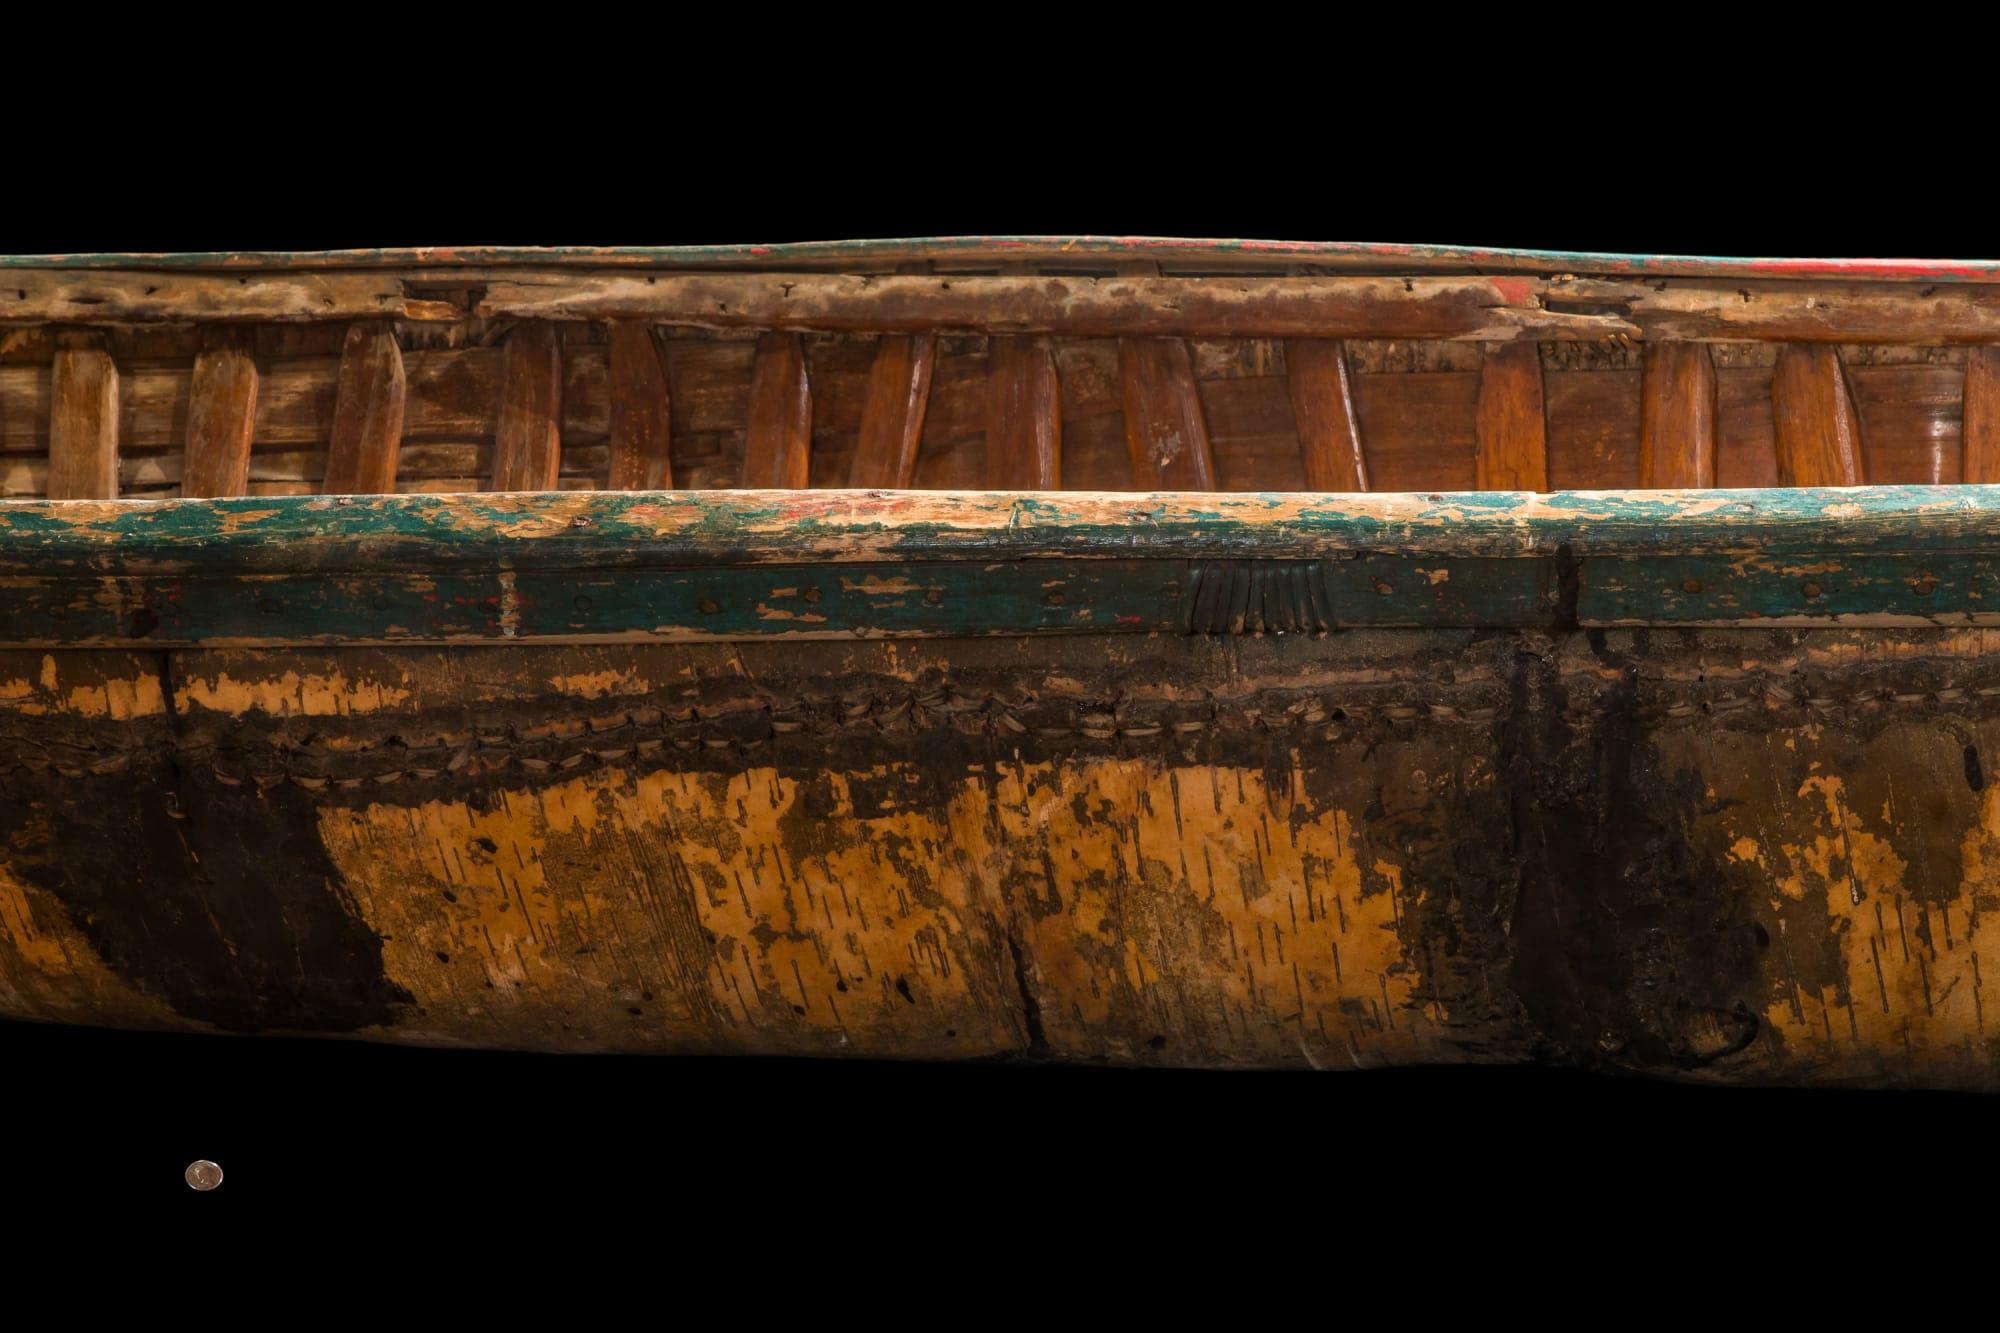 Birchbark Canoe side - up close